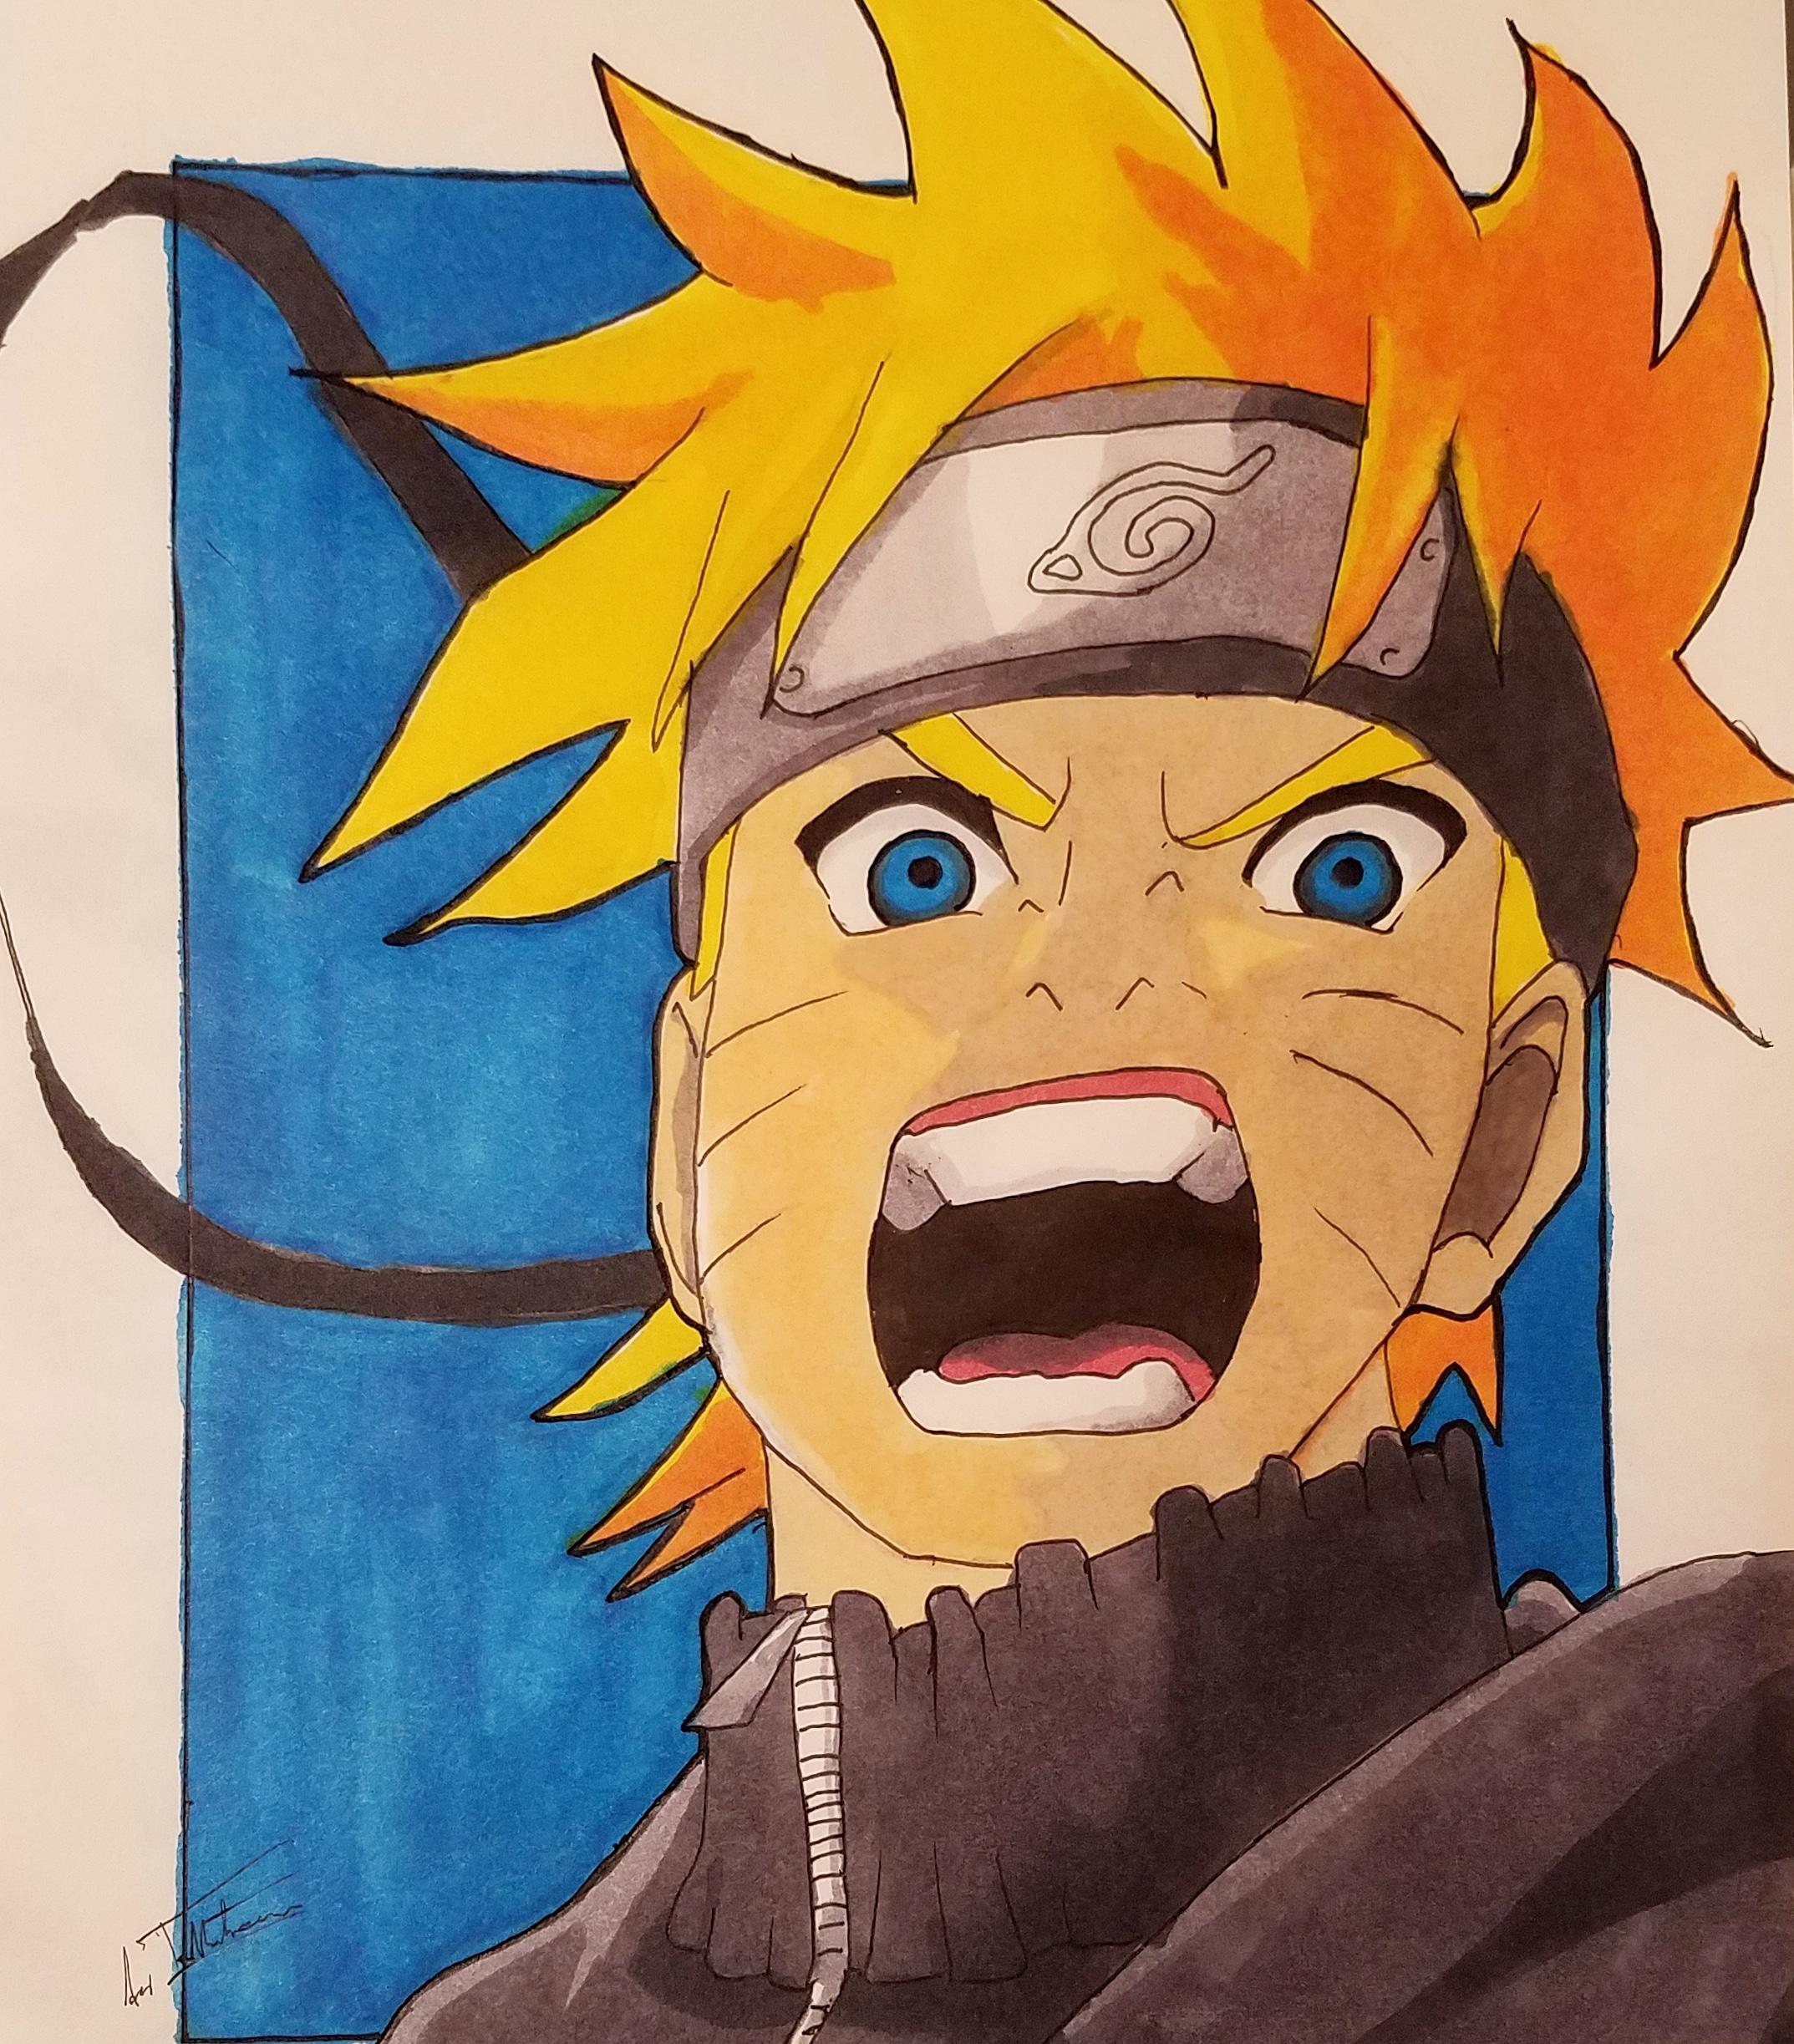 Naruto Shippuden Drawing By Asaishart On Newgrounds